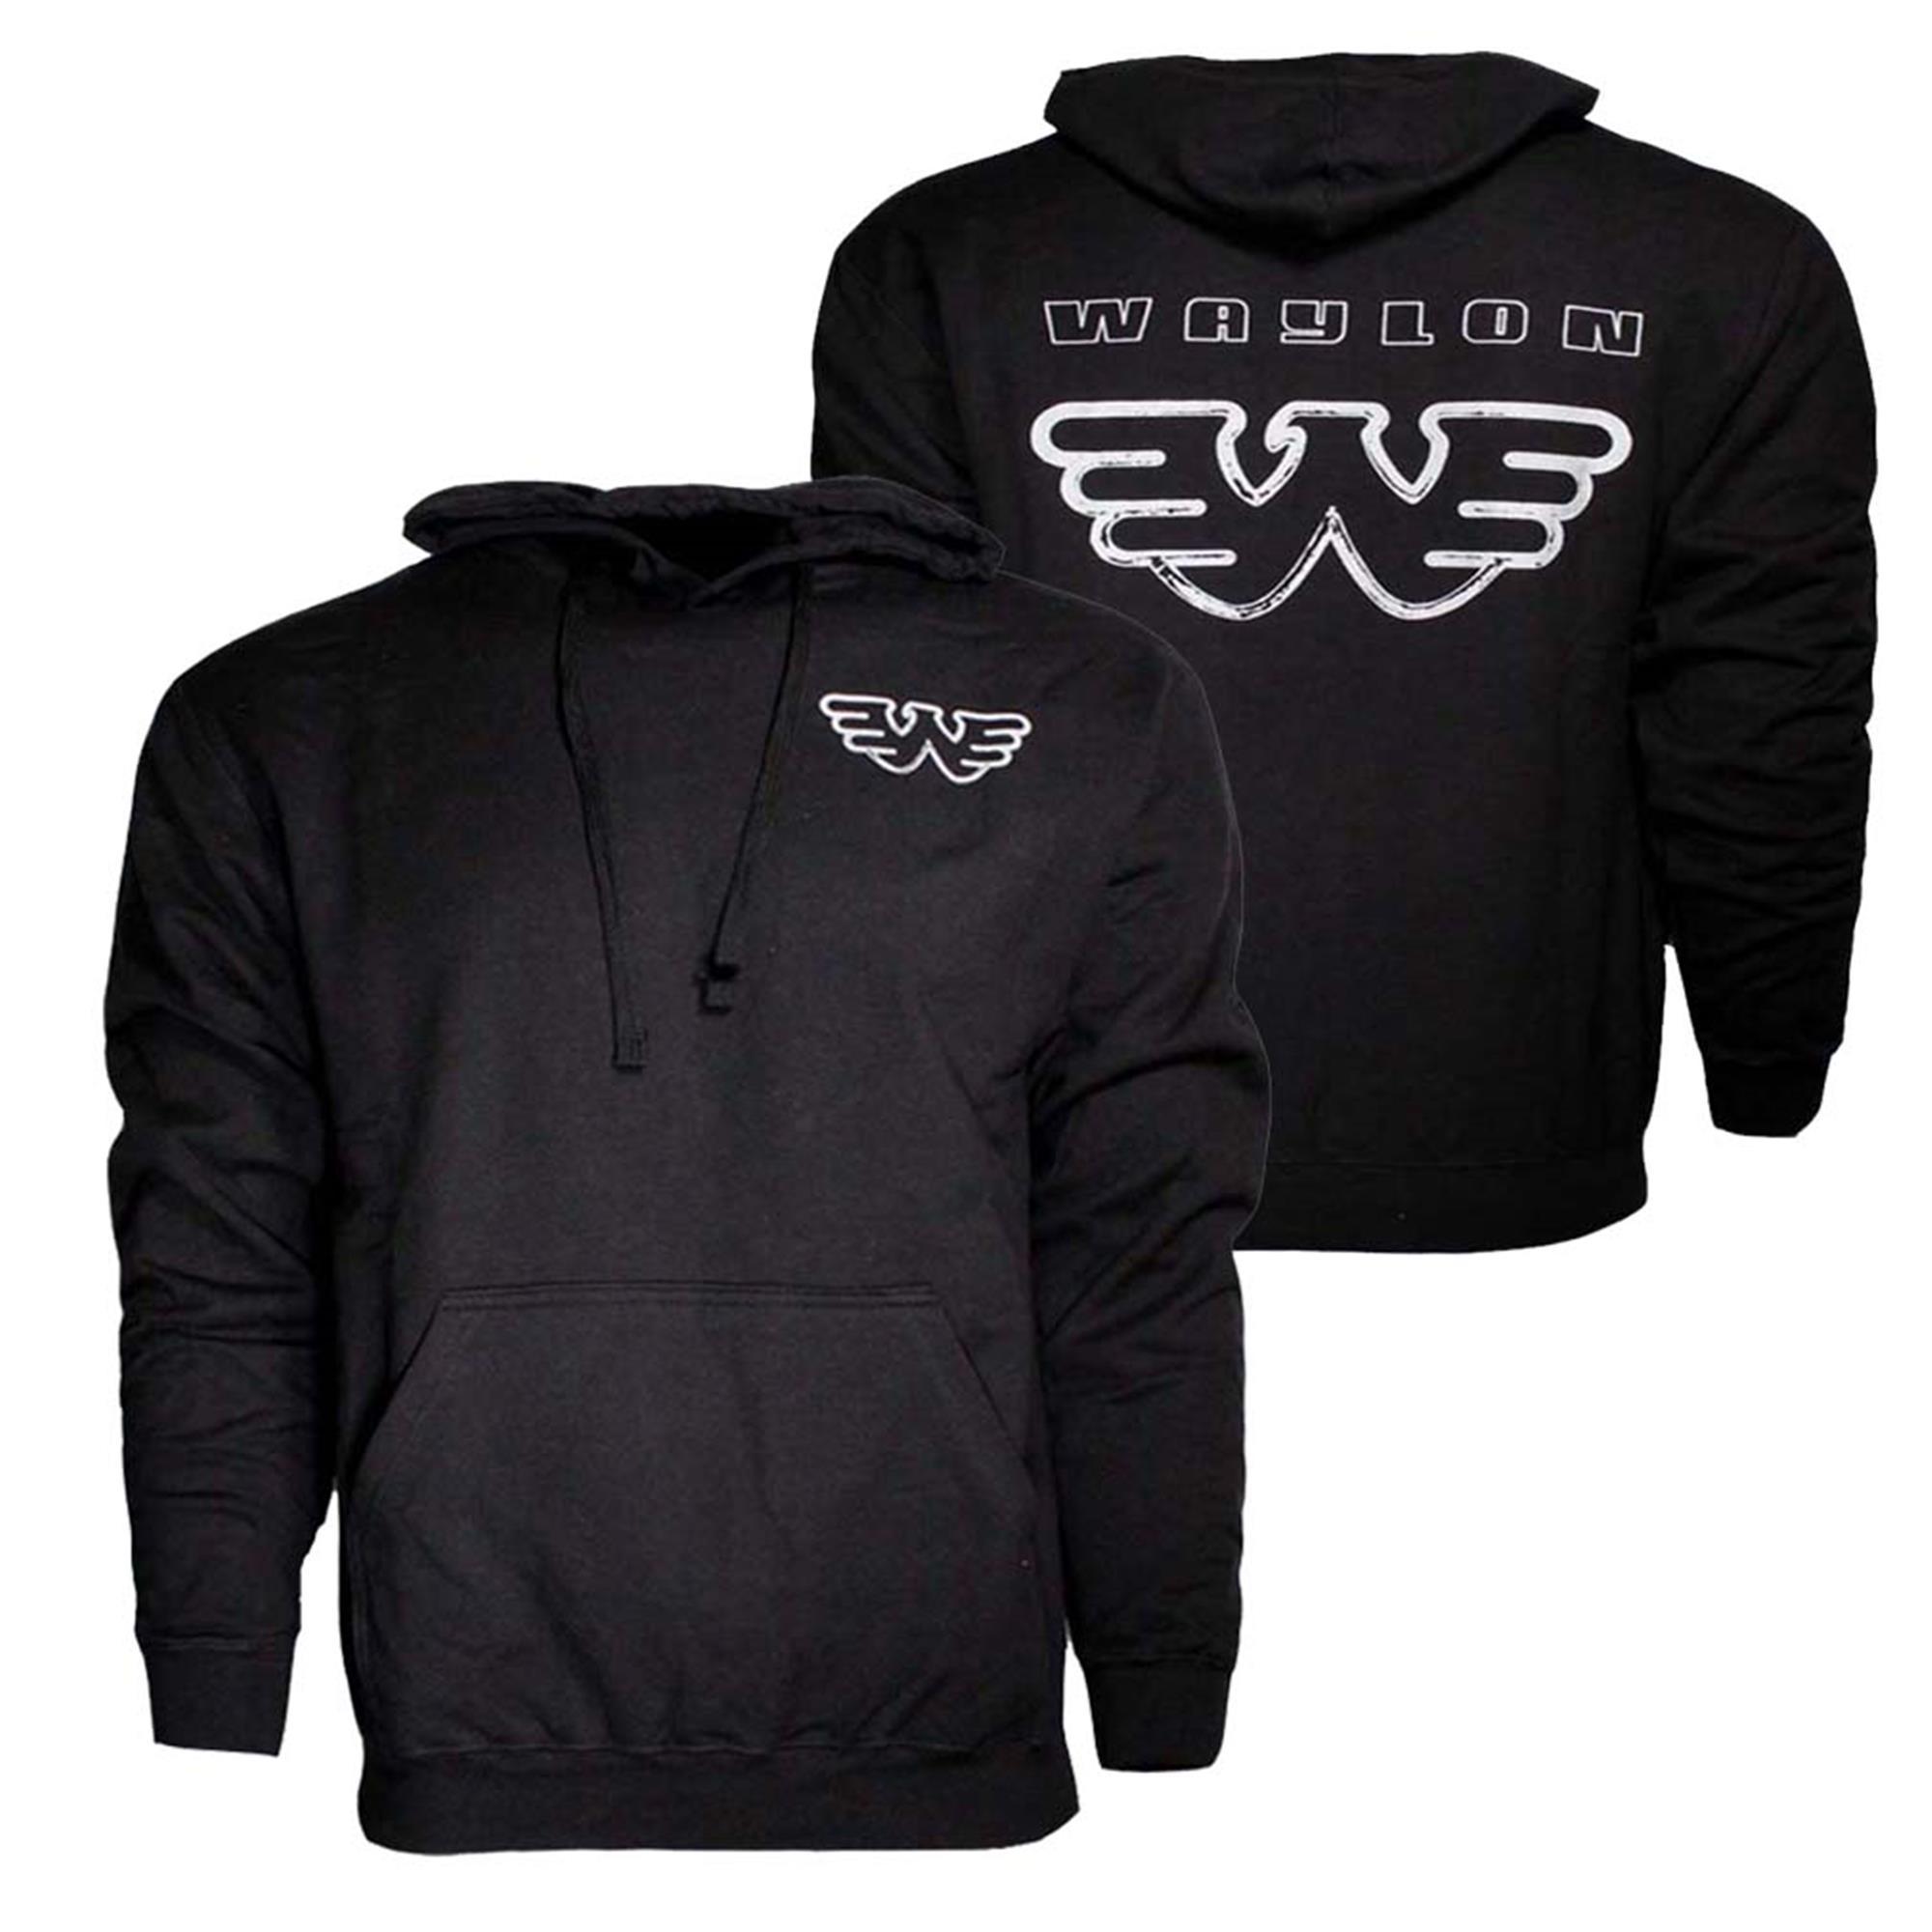 Waylon Jennings Silver Flying W Hoodie Sweatshirt